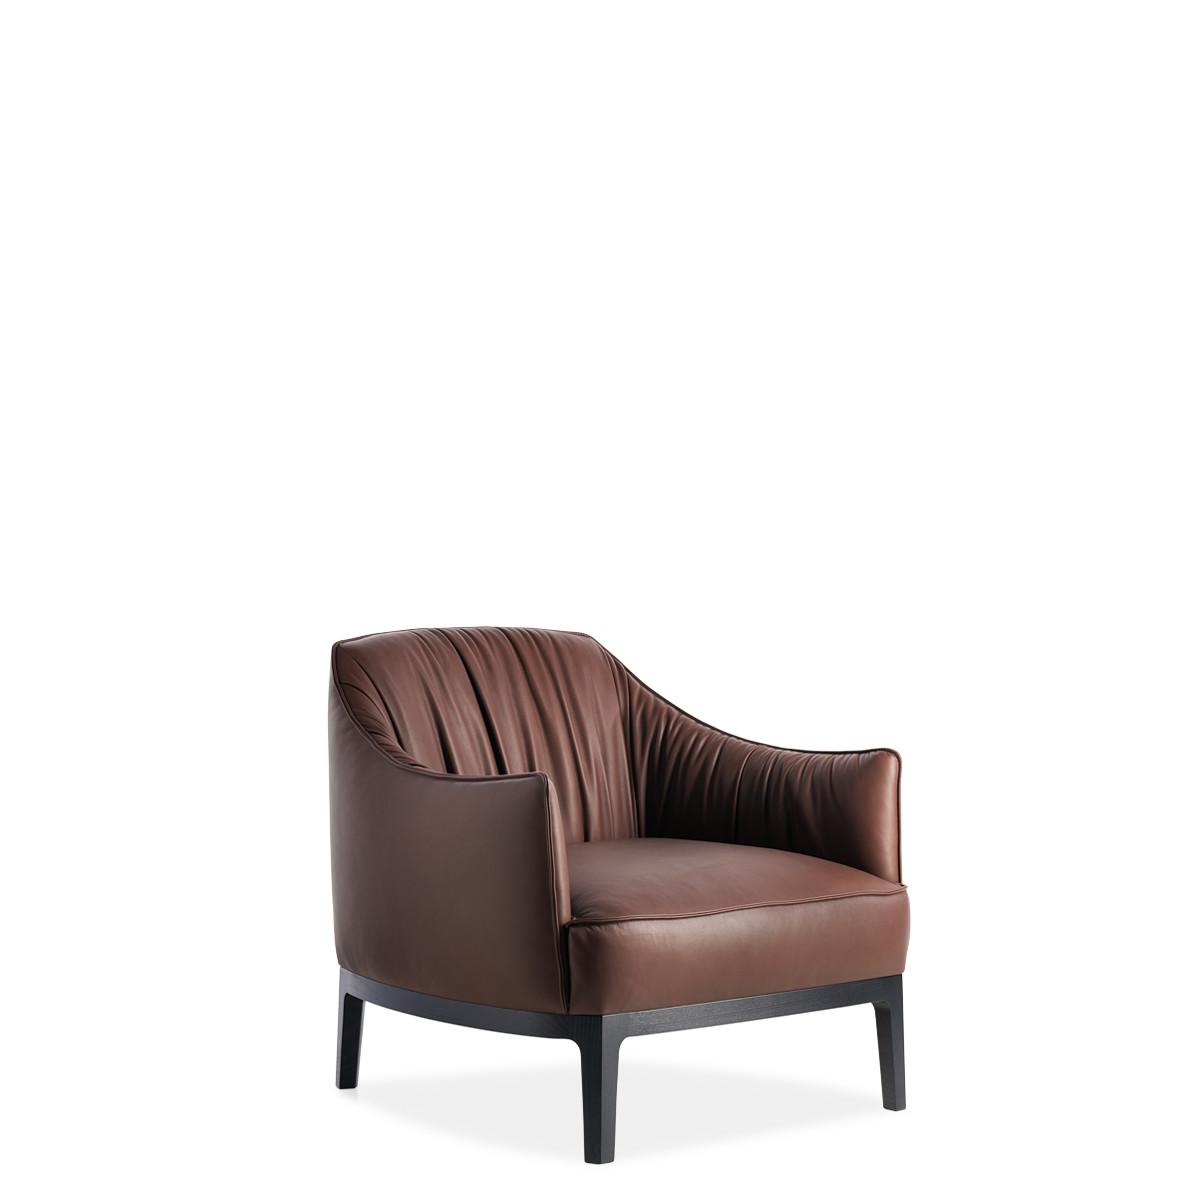 Entdecken Sie bei Conzept Beckord besondere Designmöbel! Hier finden Sie Potocco Sofas und Sessel: Blossom dunkel